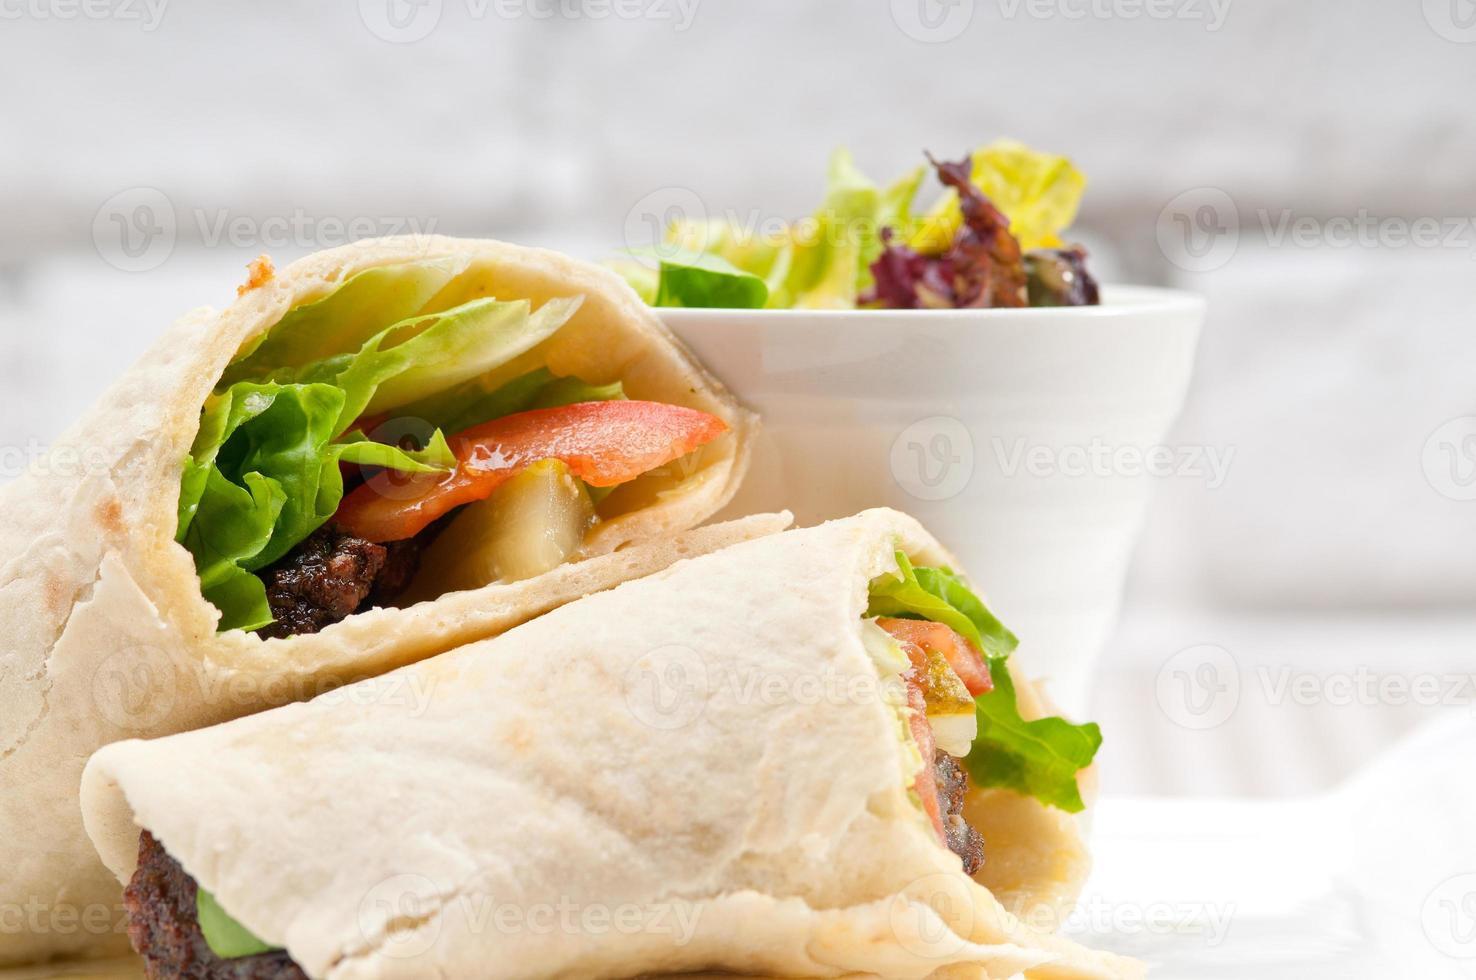 sandwich au rouleau de pain pita au poulet kwta shawarma photo